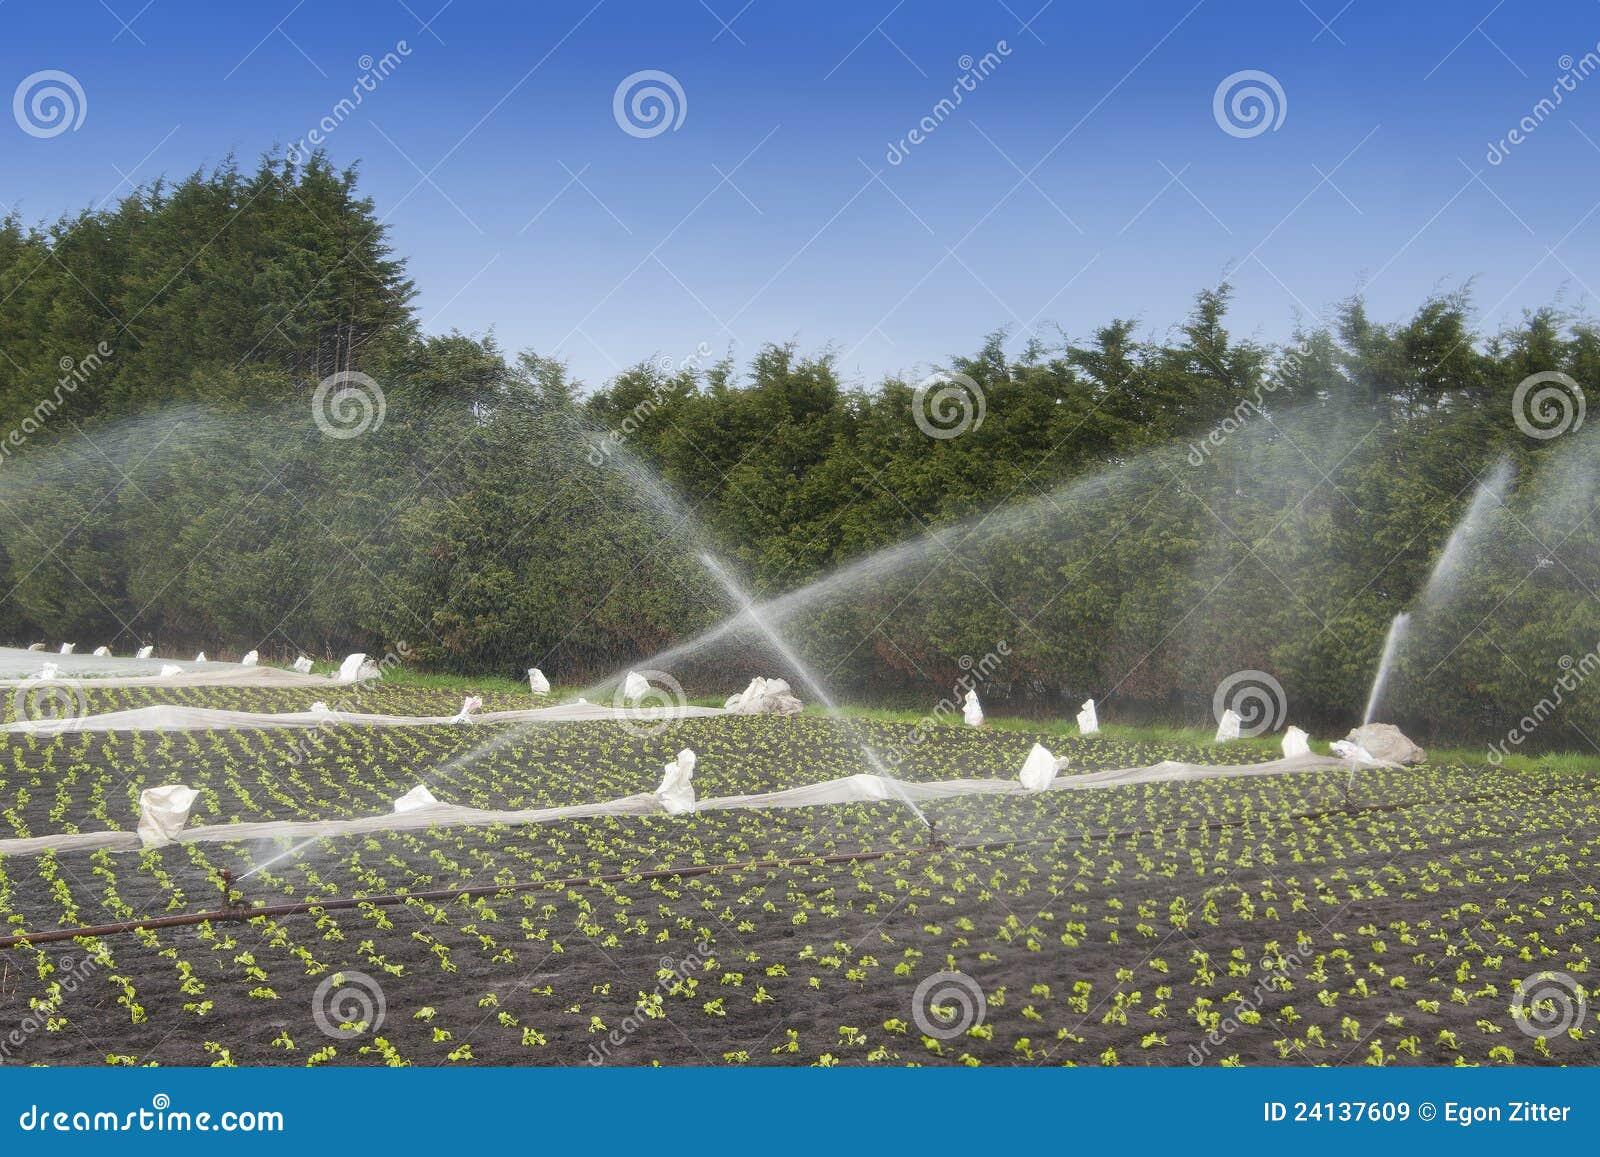 De gewassenirrigatie van het water